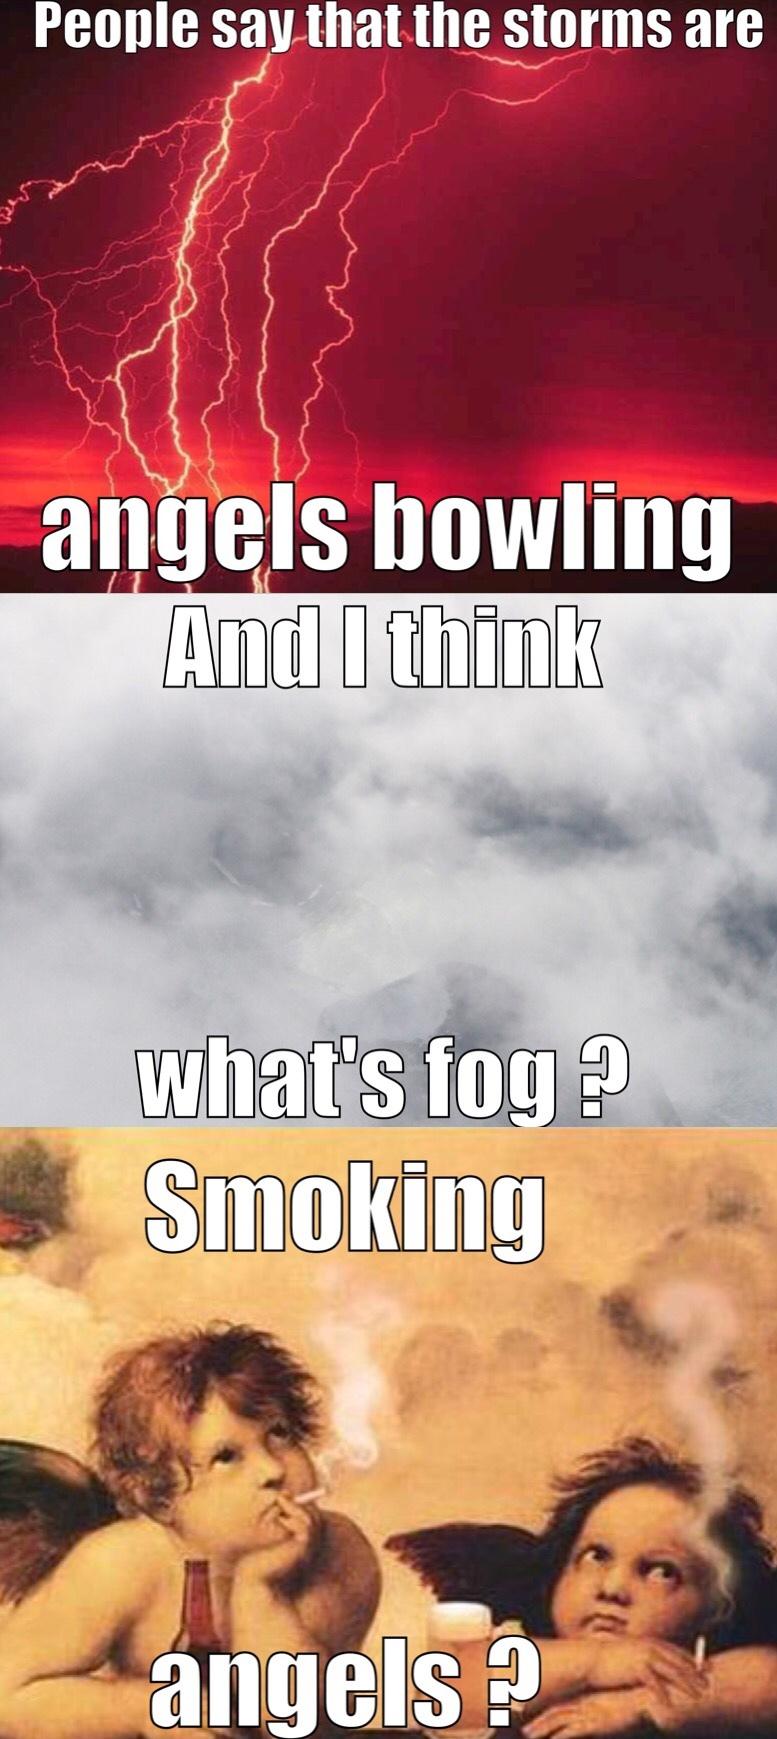 The origin of the fog  \(._.\) (/._.)/ \(._.\) (/._.)/ \(._.\) (/._.)/ \(._.\) (/._.)/ \(._.\) (/._.)/ \(._.\) (/._.)/ \(._.\) (/._.)/ \(._.\) (/._.)/ \(._.\) (/._.)/ \(._.\) (/._.)/ \(._.\) (/._.)/ \(._.\) (/._.)/ \(._.\) (/._.)/ \(._.\) - meme